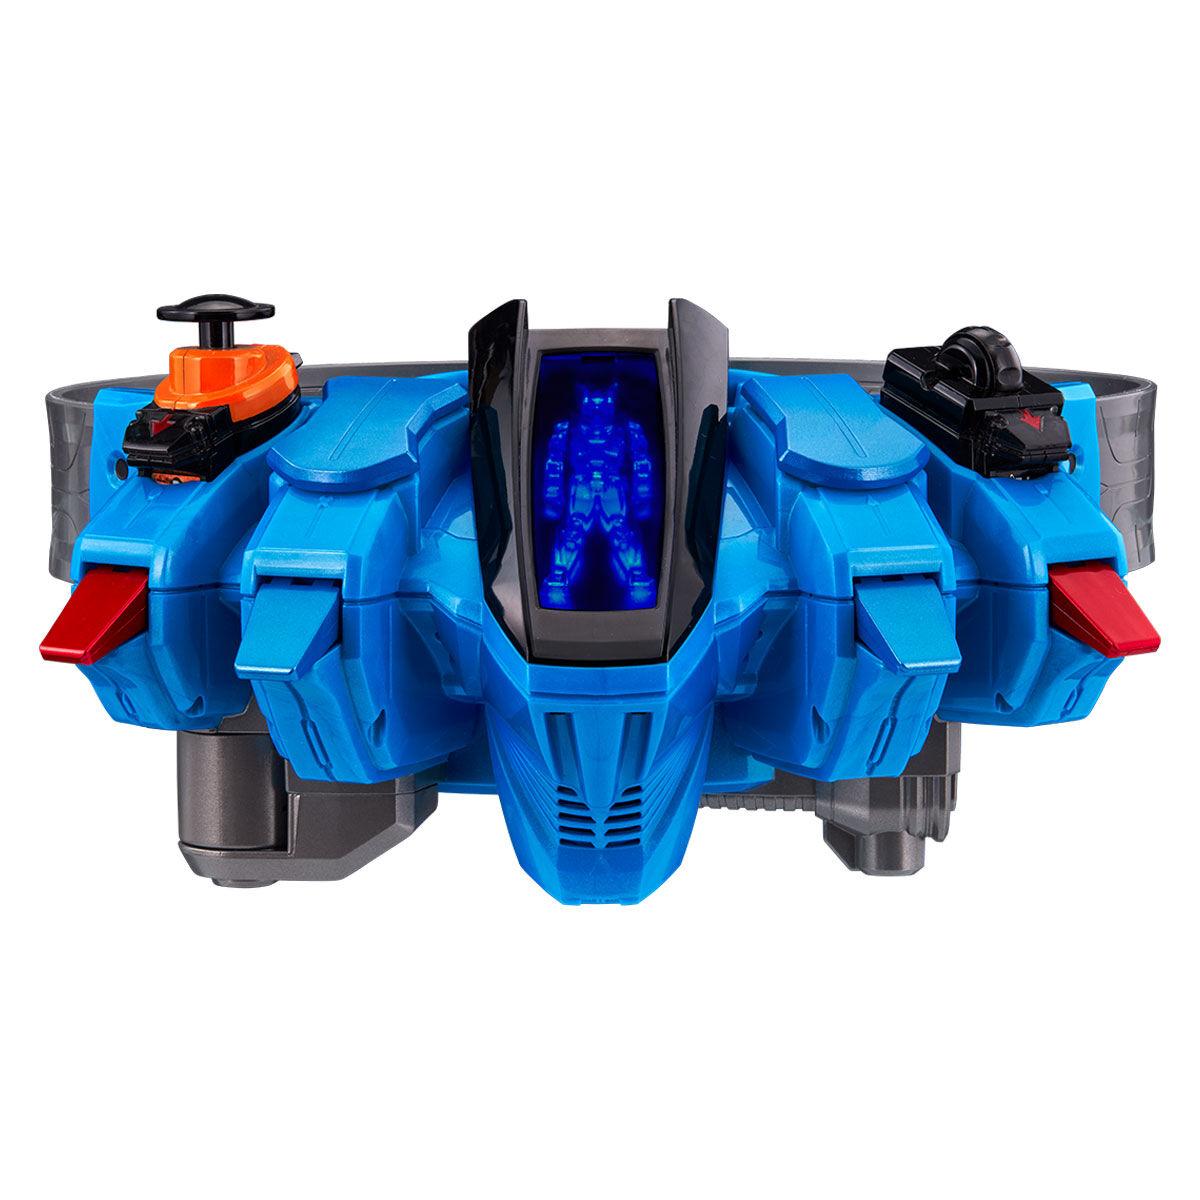 【限定販売】仮面ライダーフォーゼ『変身ベルト DXなでしこドライバー』仮面ライダーなでしこ 変身なりきり-006